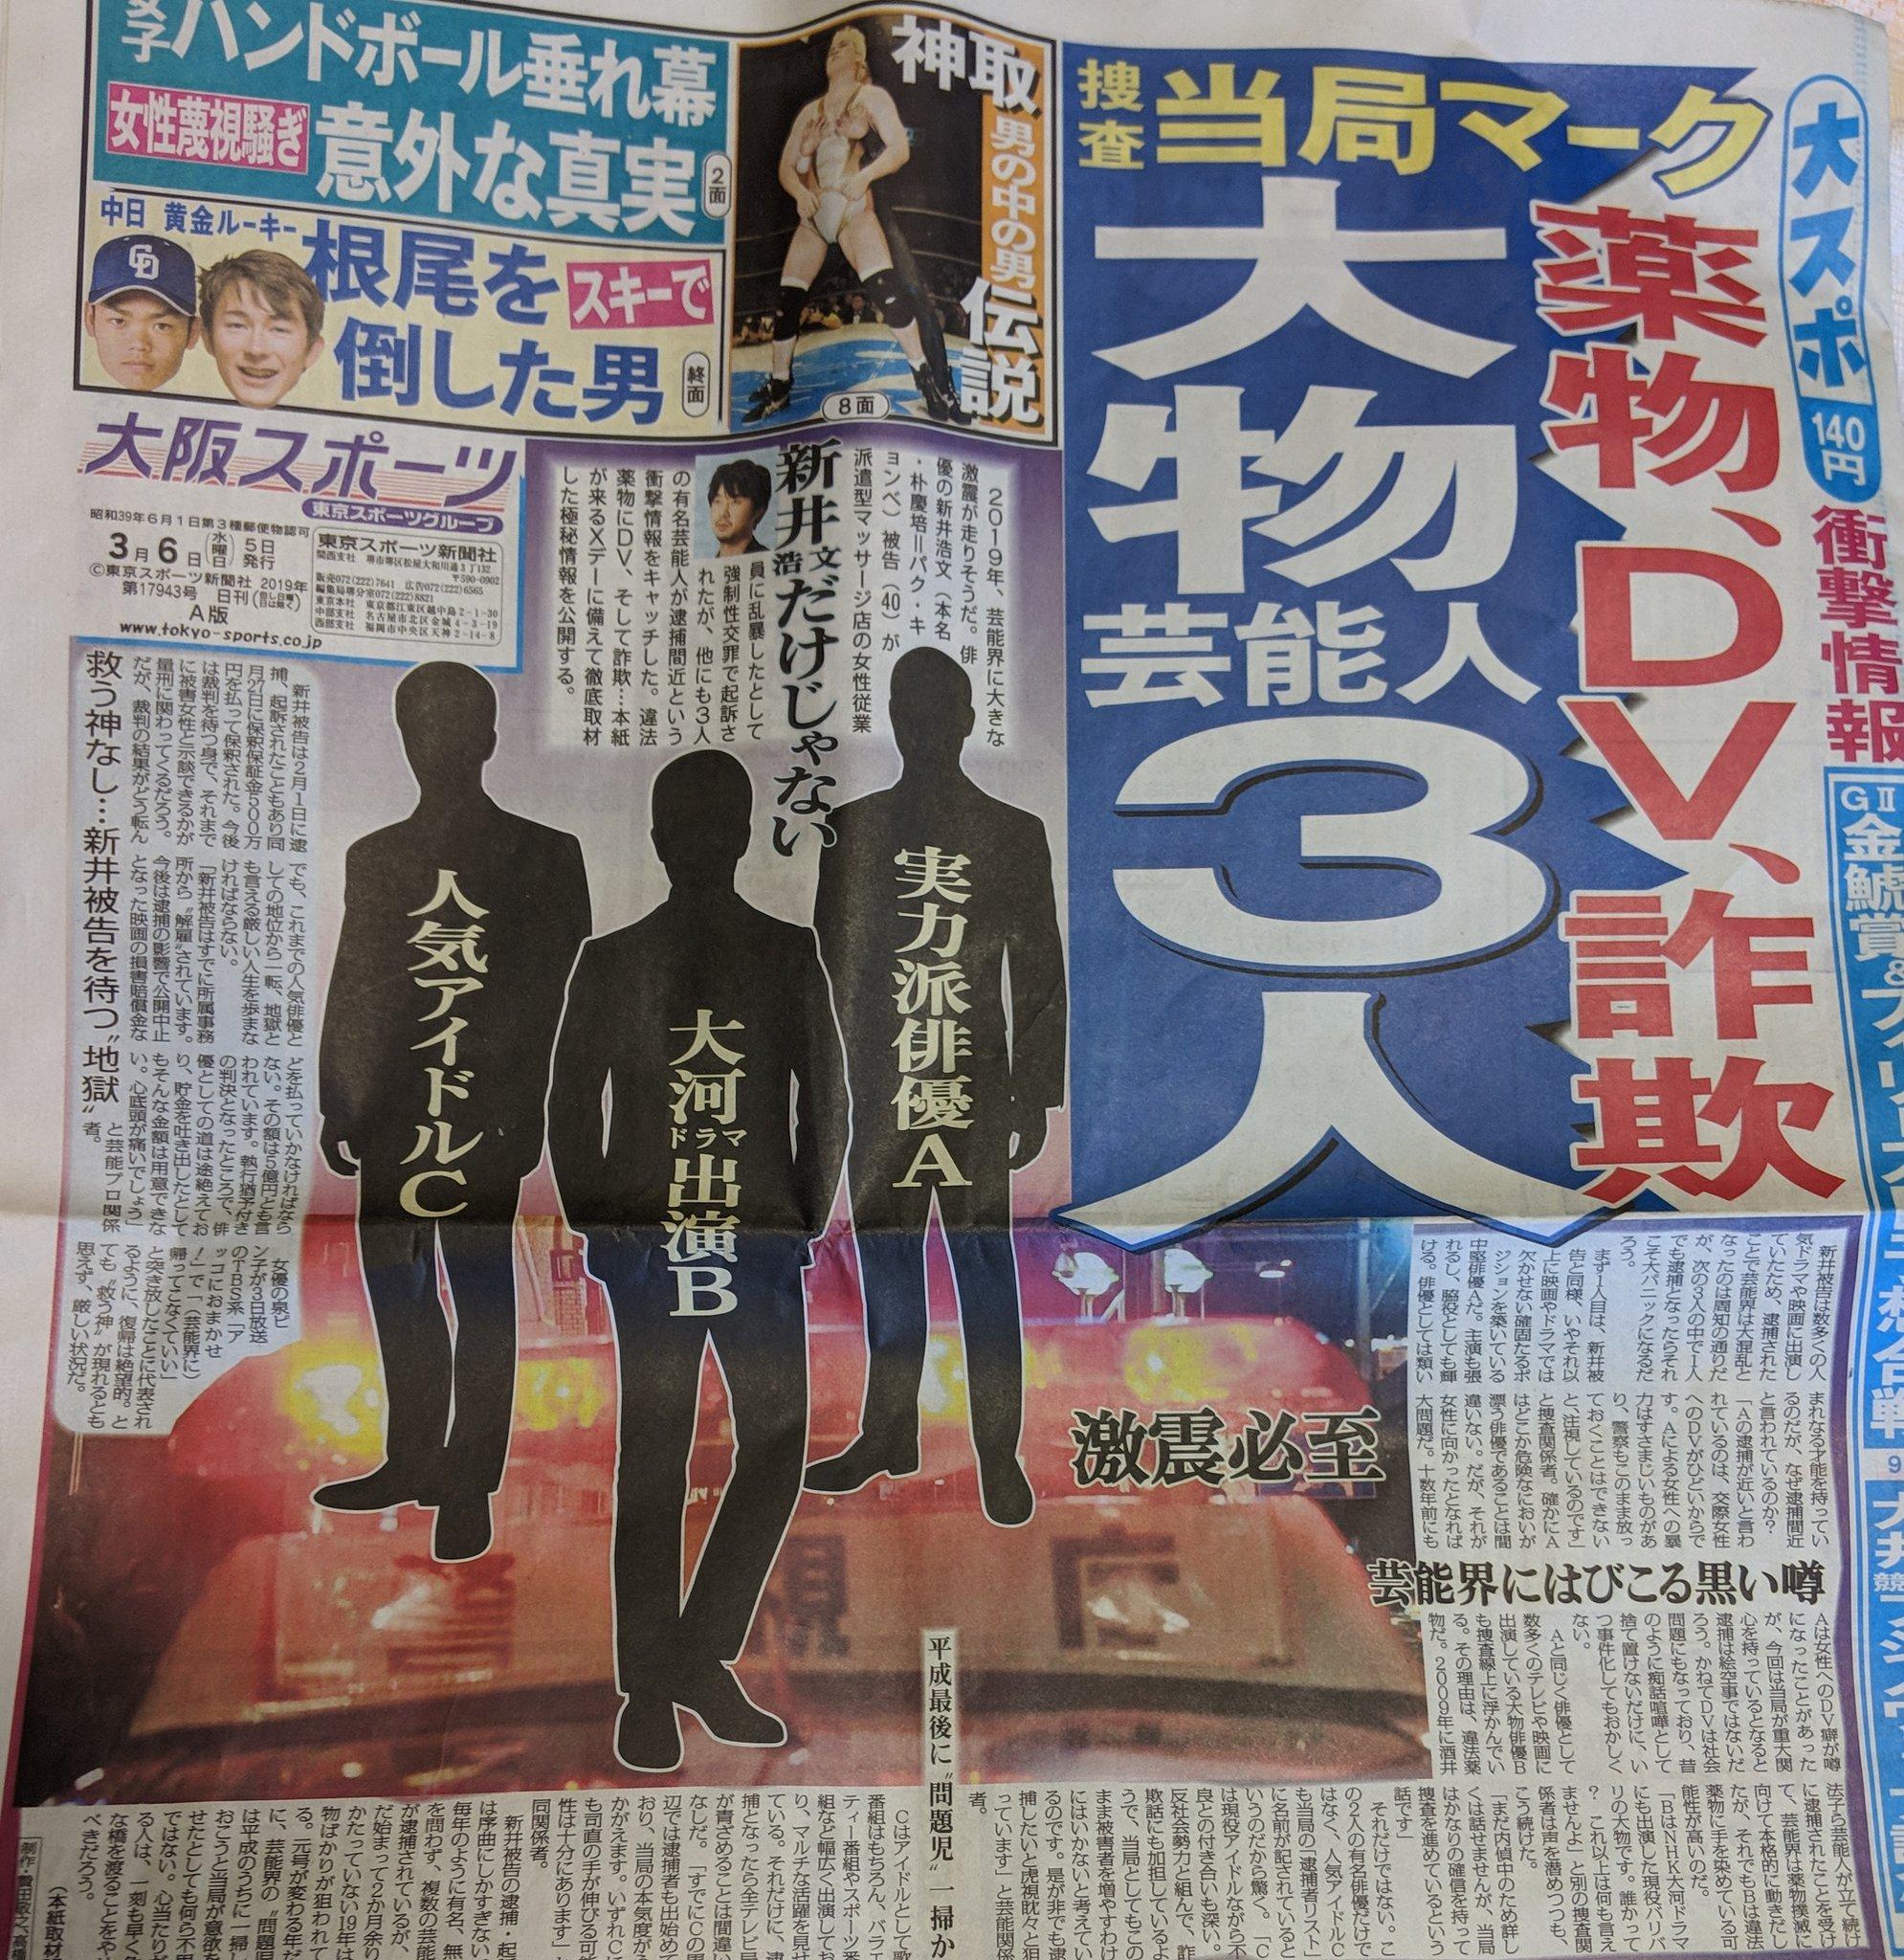 画像,3/6発売の東京スポーツがピエール瀧の逮捕を予言していた‼ 実に1週間前からスクープしていたのである‼かつてCHAGE逮捕も予言した東スポ、恐るべし‼ 競馬の予…